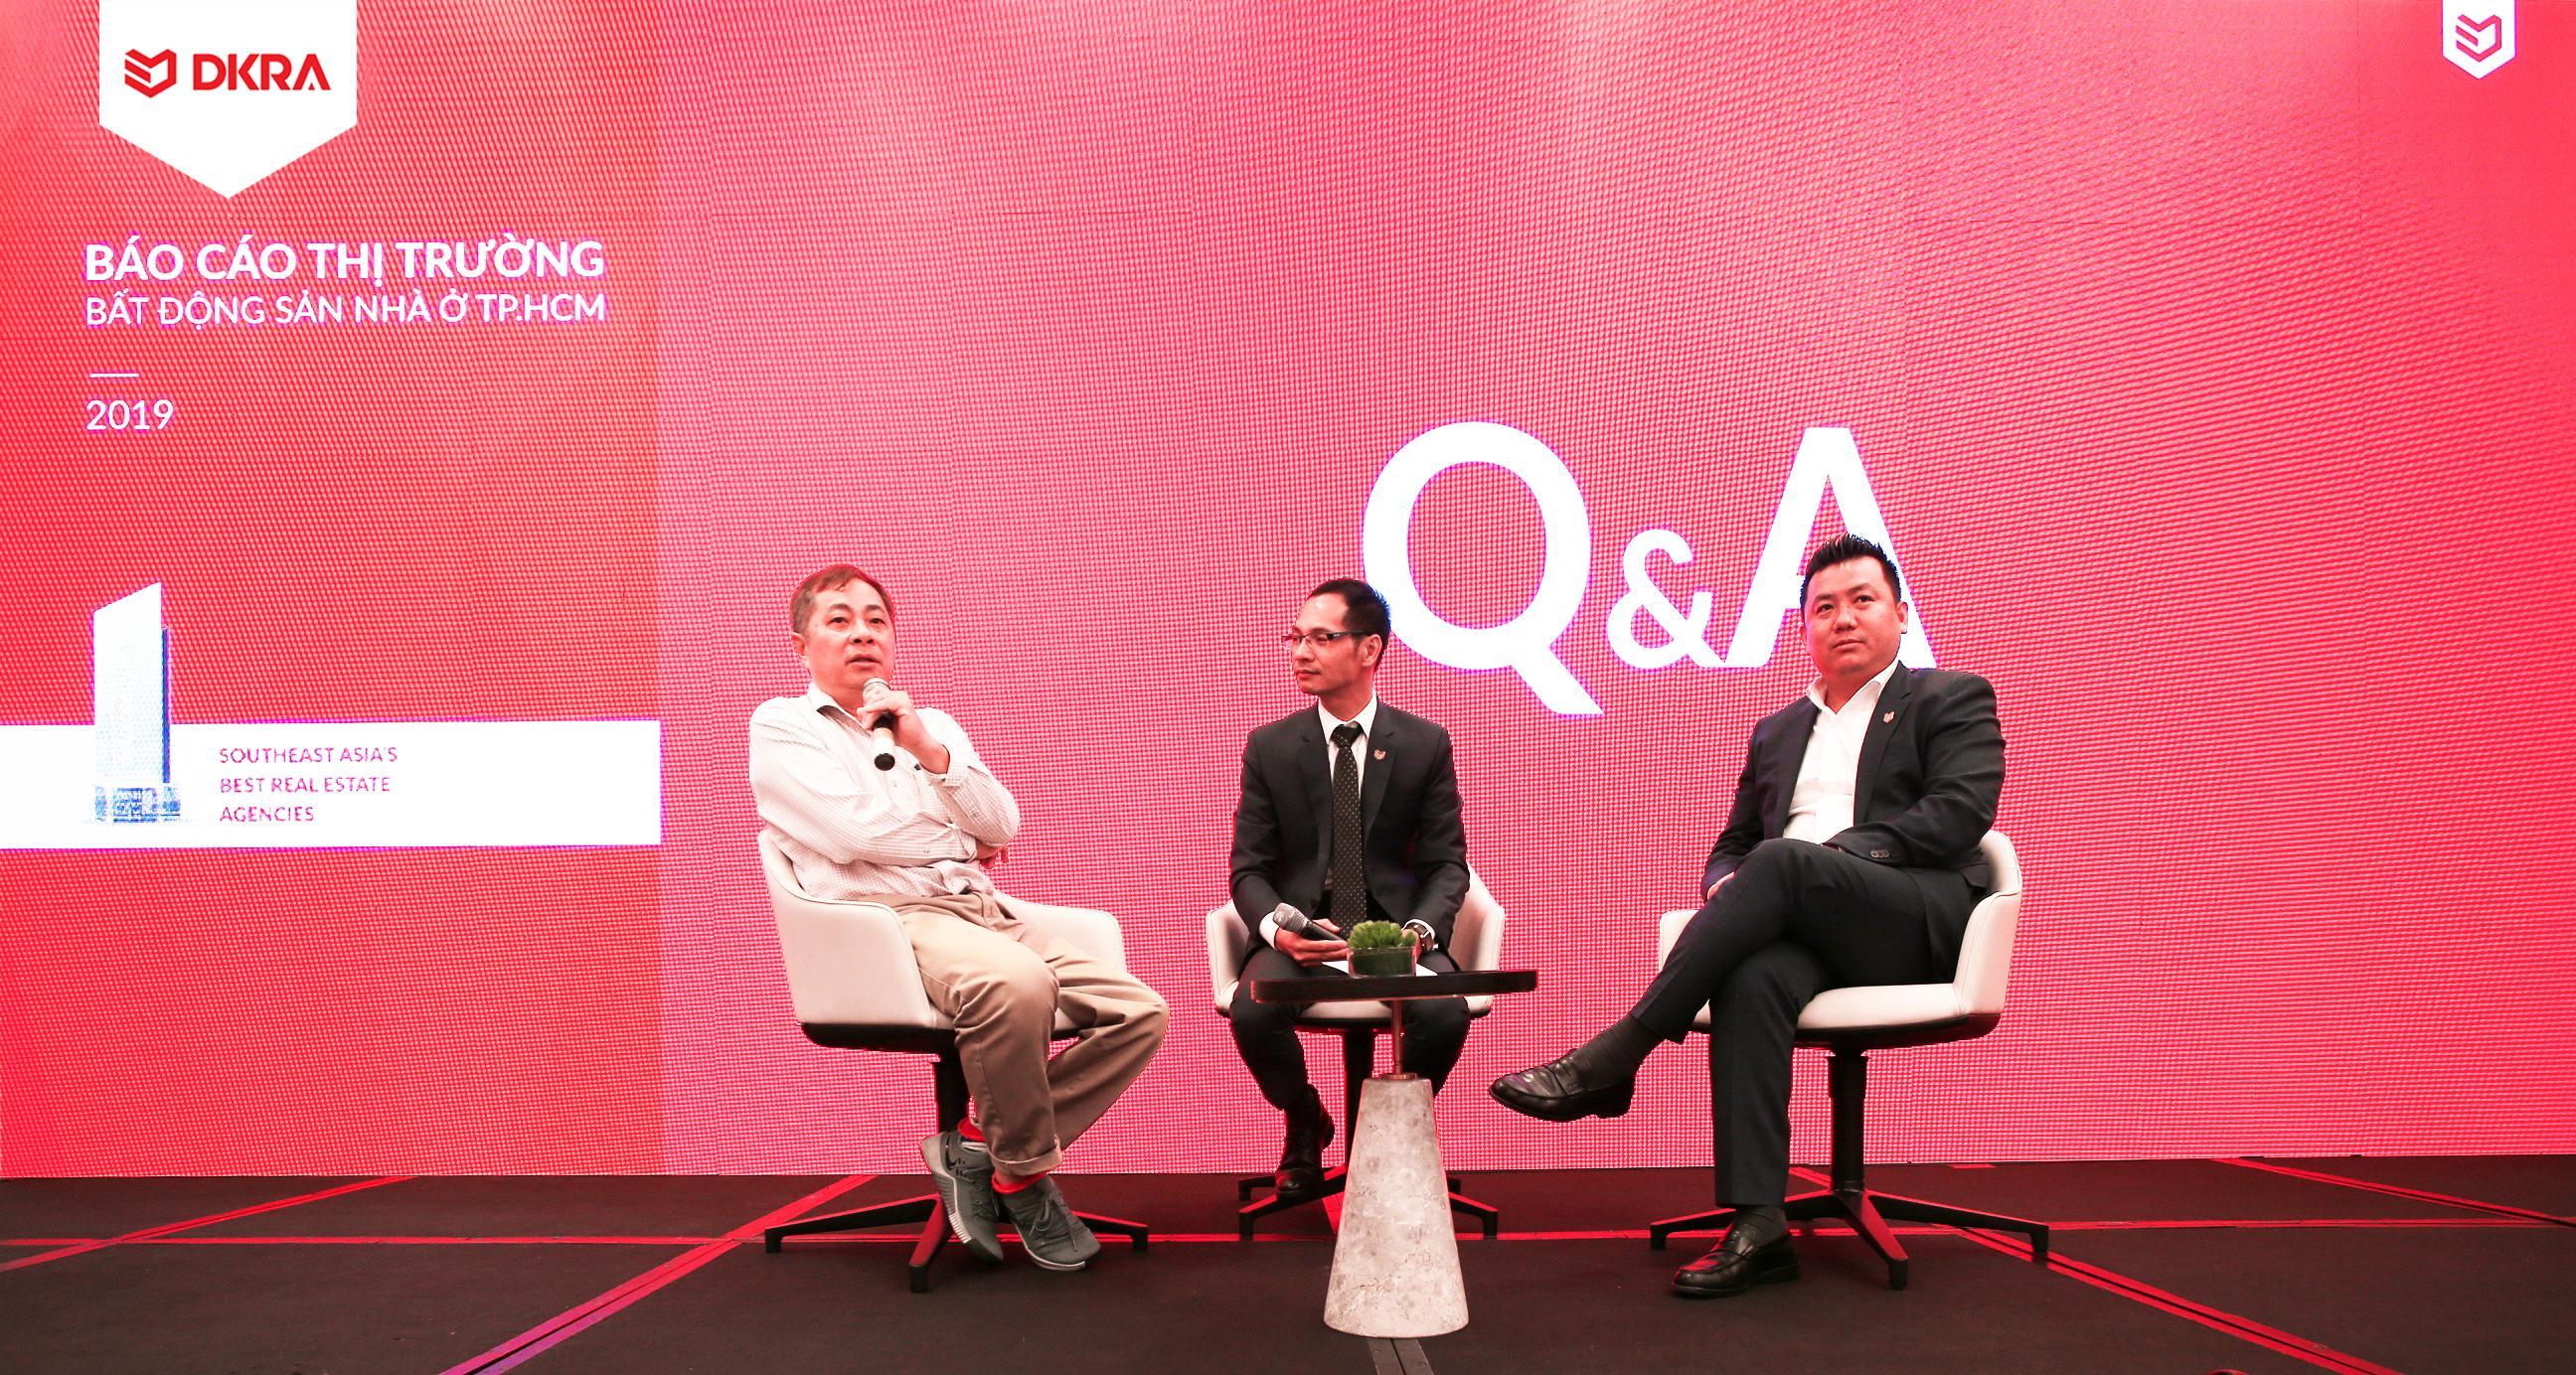 Tọa đàm thảo luận về thị trường bất động sản Nhà ở TP.HCM với các chuyên gia (từ trái sang): TS. Đinh Thế Hiển - Chuyên gia kinh tế; Ông Nguyễn Hoàng - Giám đốc bộ phận R&D DKRA Vietnam; Ông Phạm Lâm - CEO DKRA Vietnam.